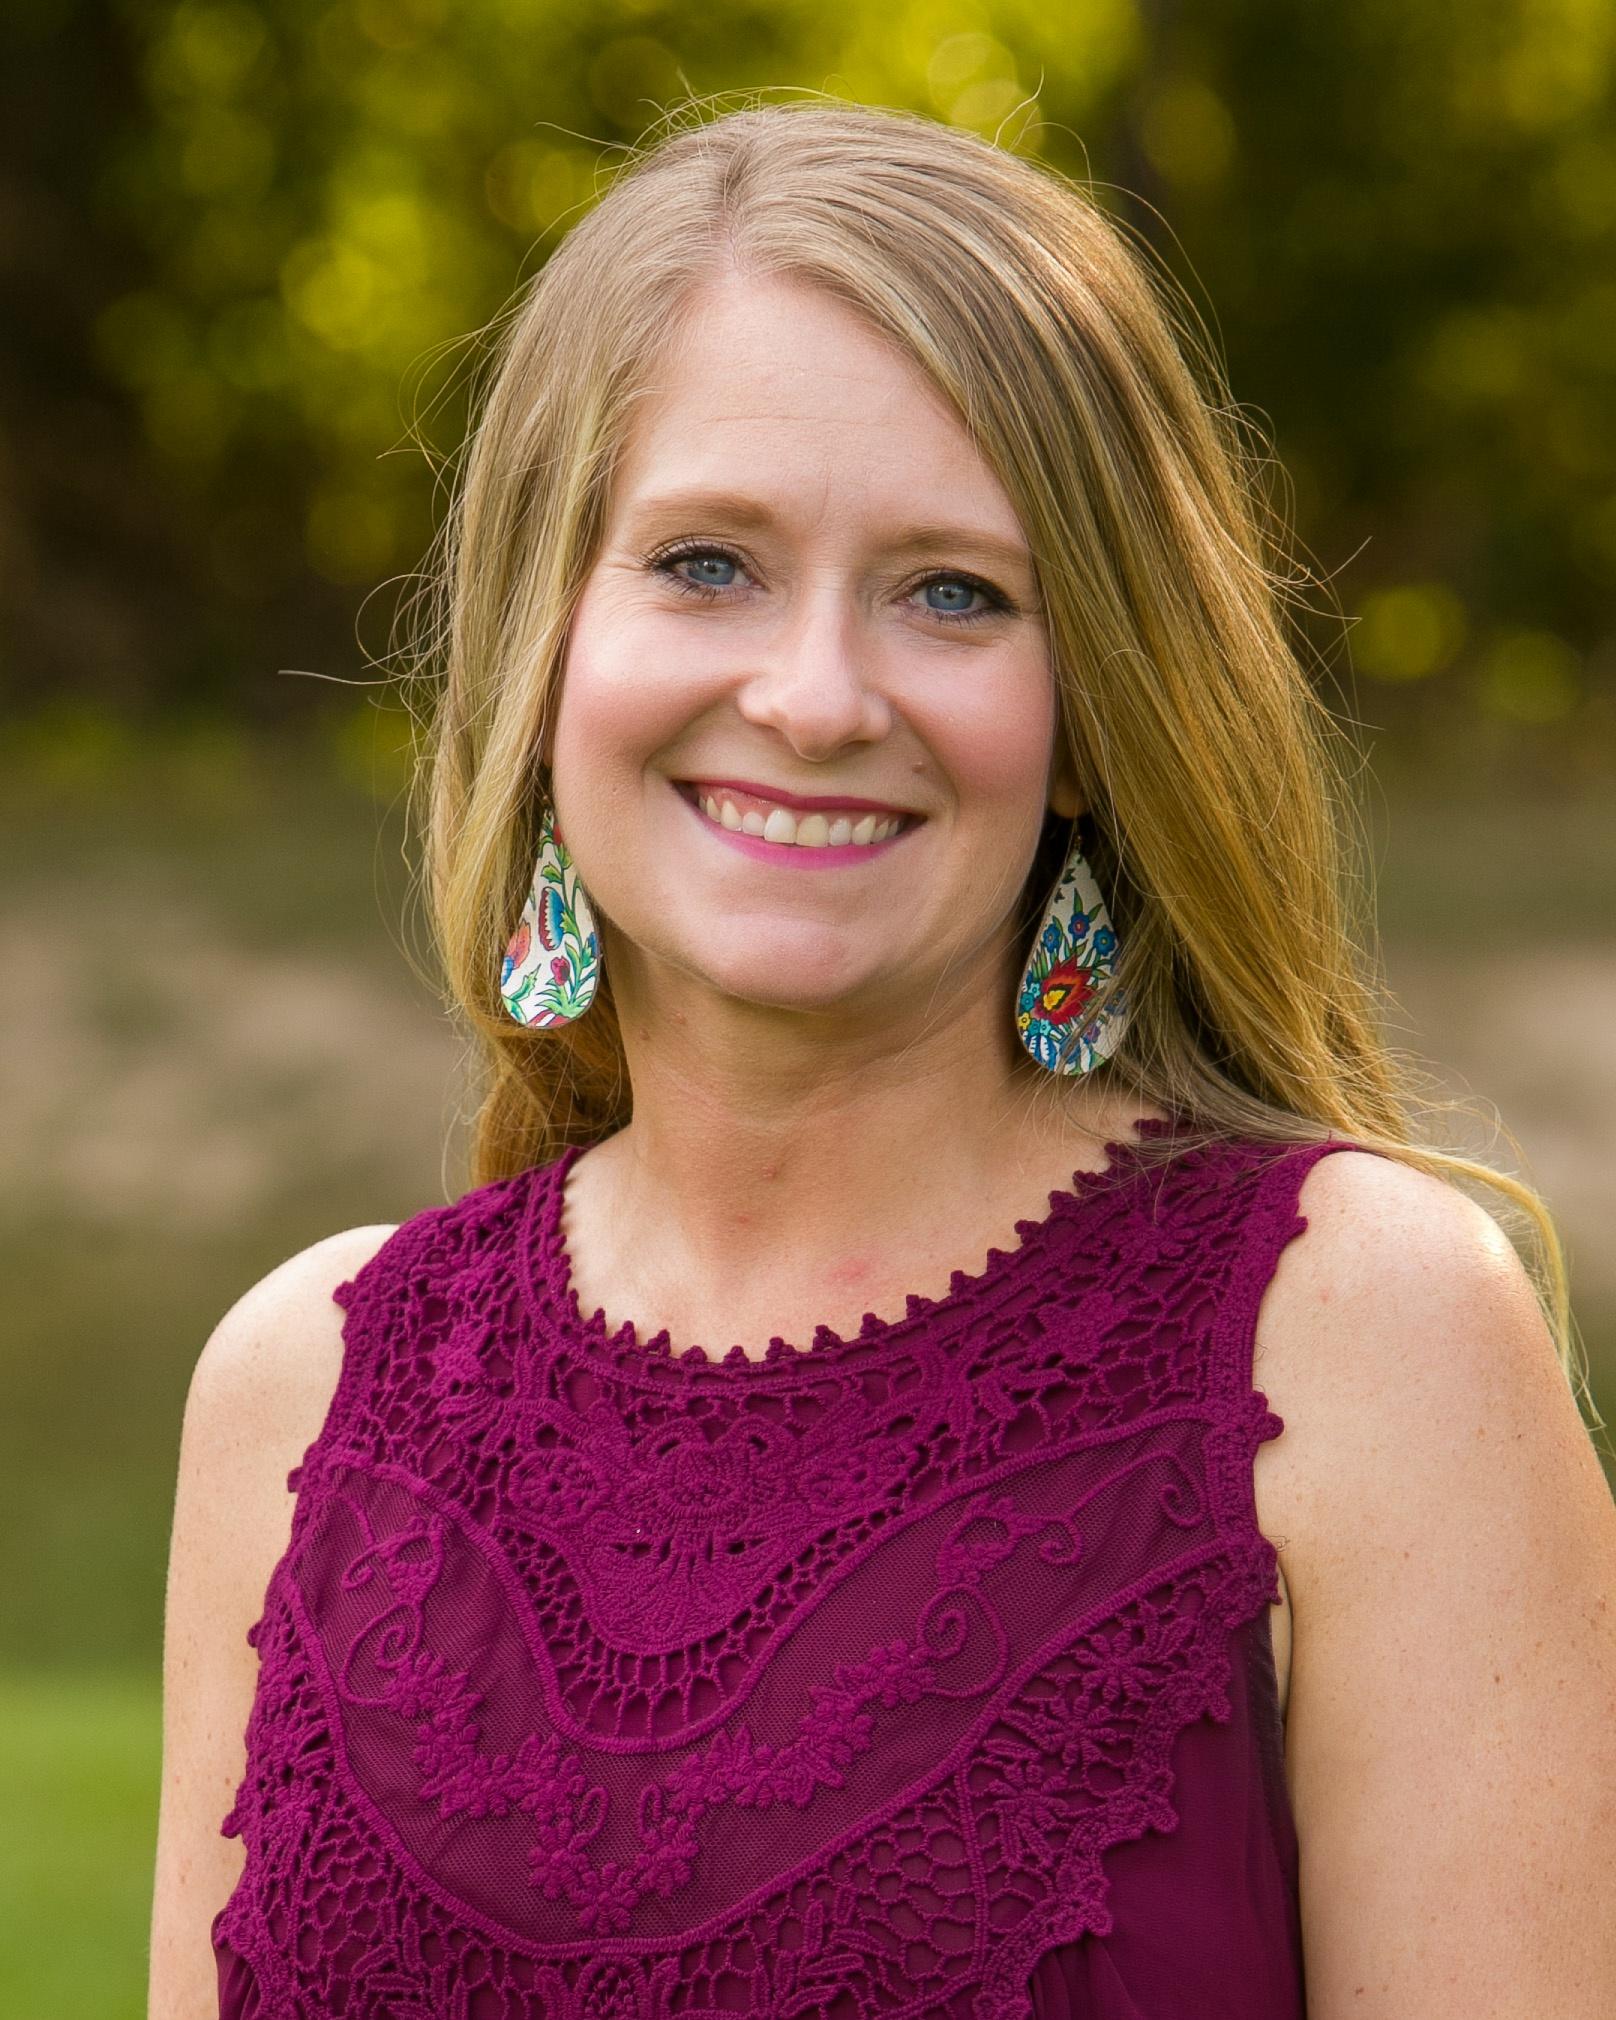 Megan Warden